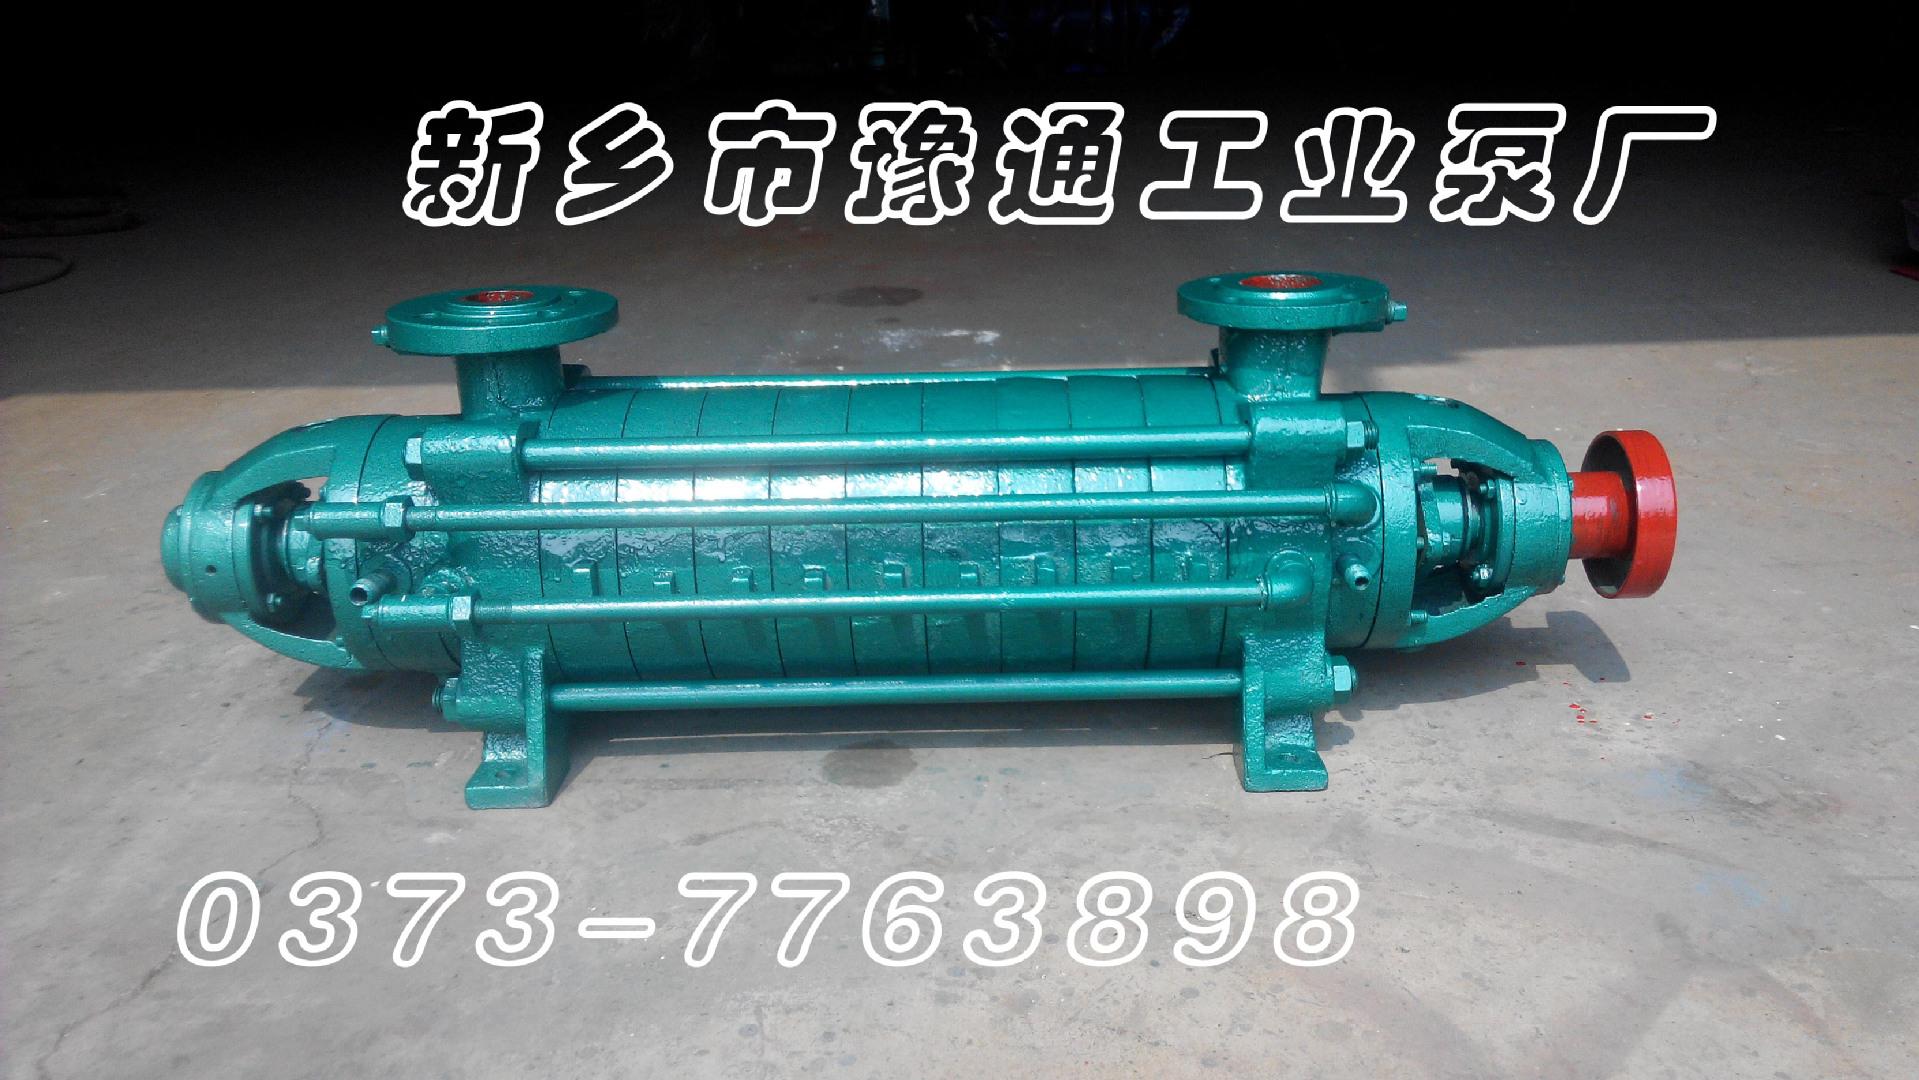 【新乡锅炉泵】DG25-30×10型锅炉给水泵 厂家直销 价格可优惠